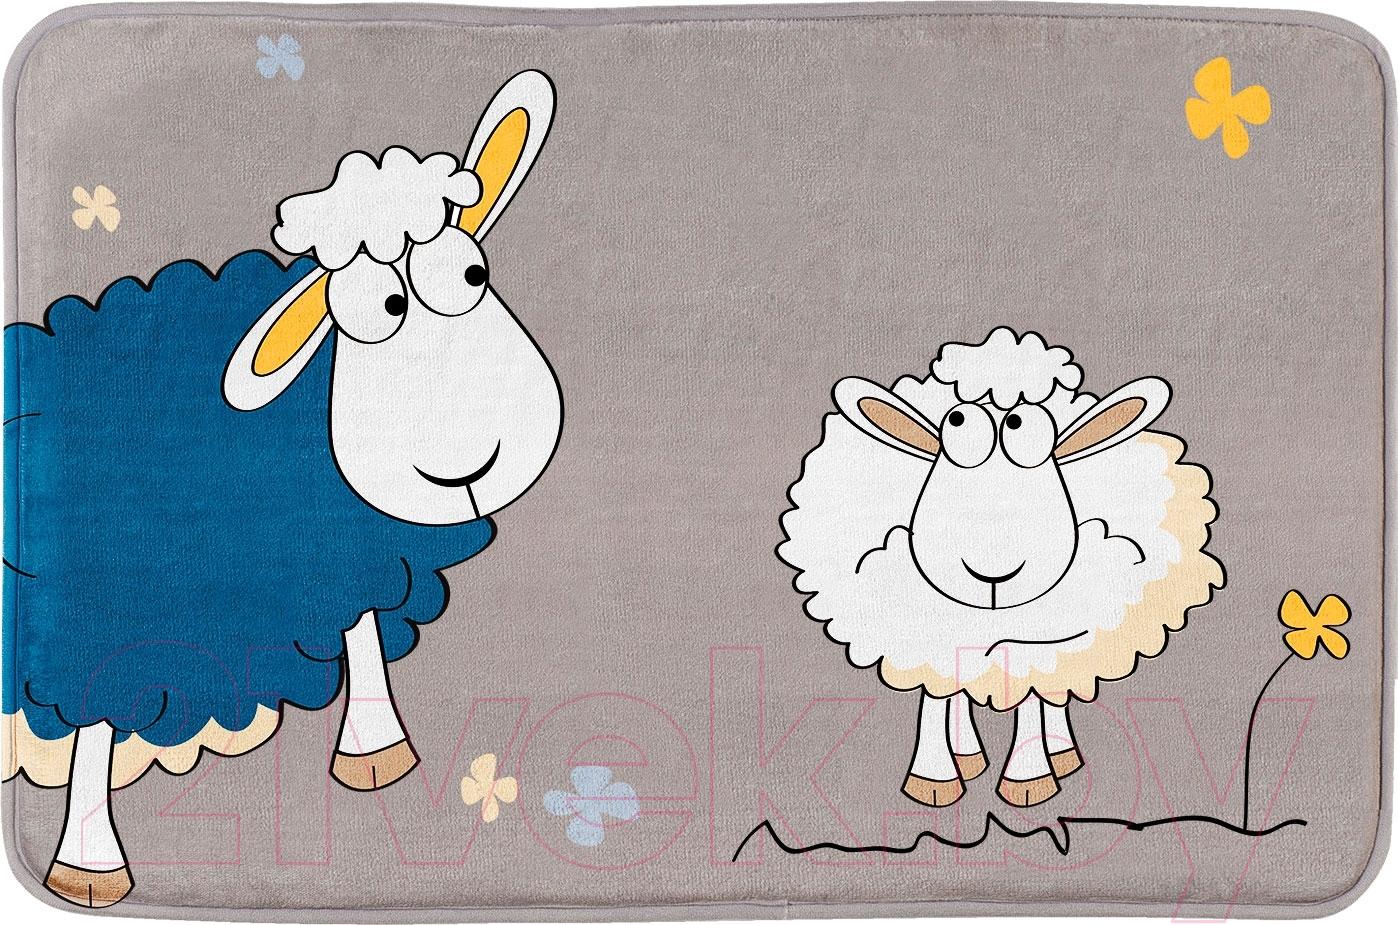 Купить Коврик для ванной Tatkraft, Funny Sheep Ultra Soft 18341, Китай, полиэстер